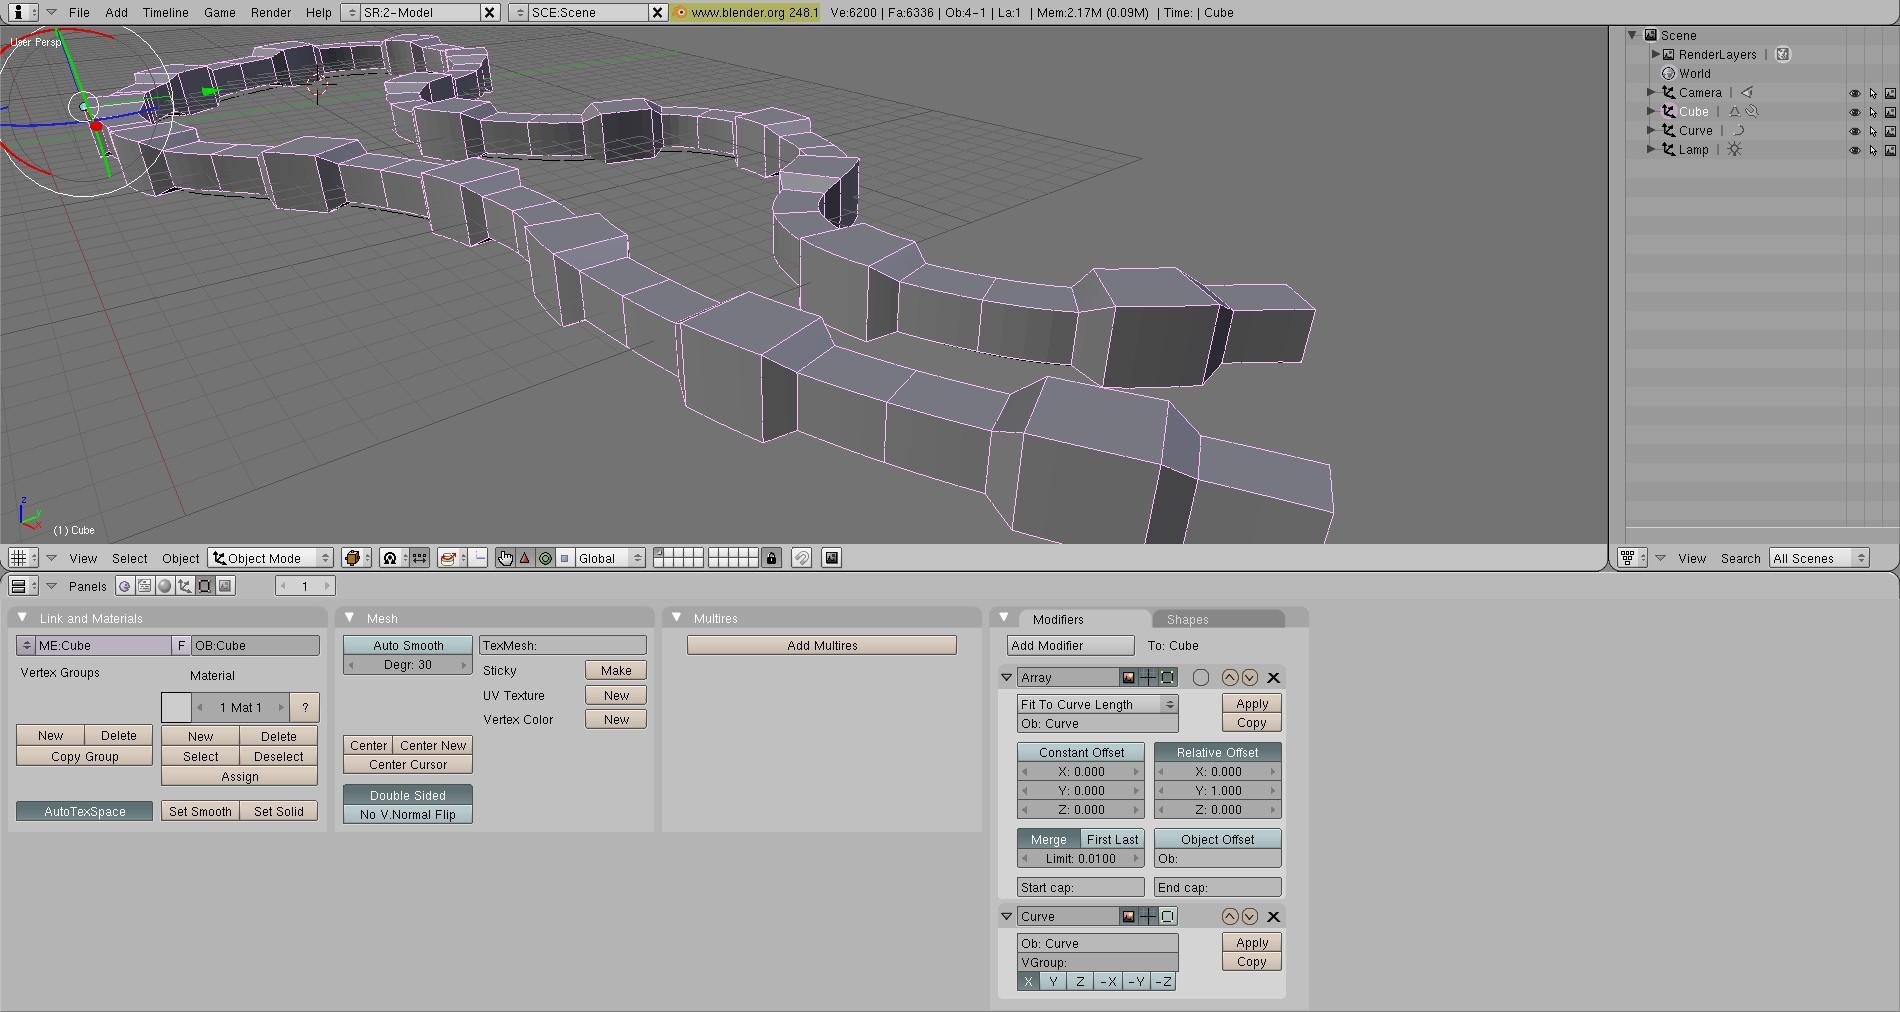 Creando un tunel   tileable   en blender-captura.jpg